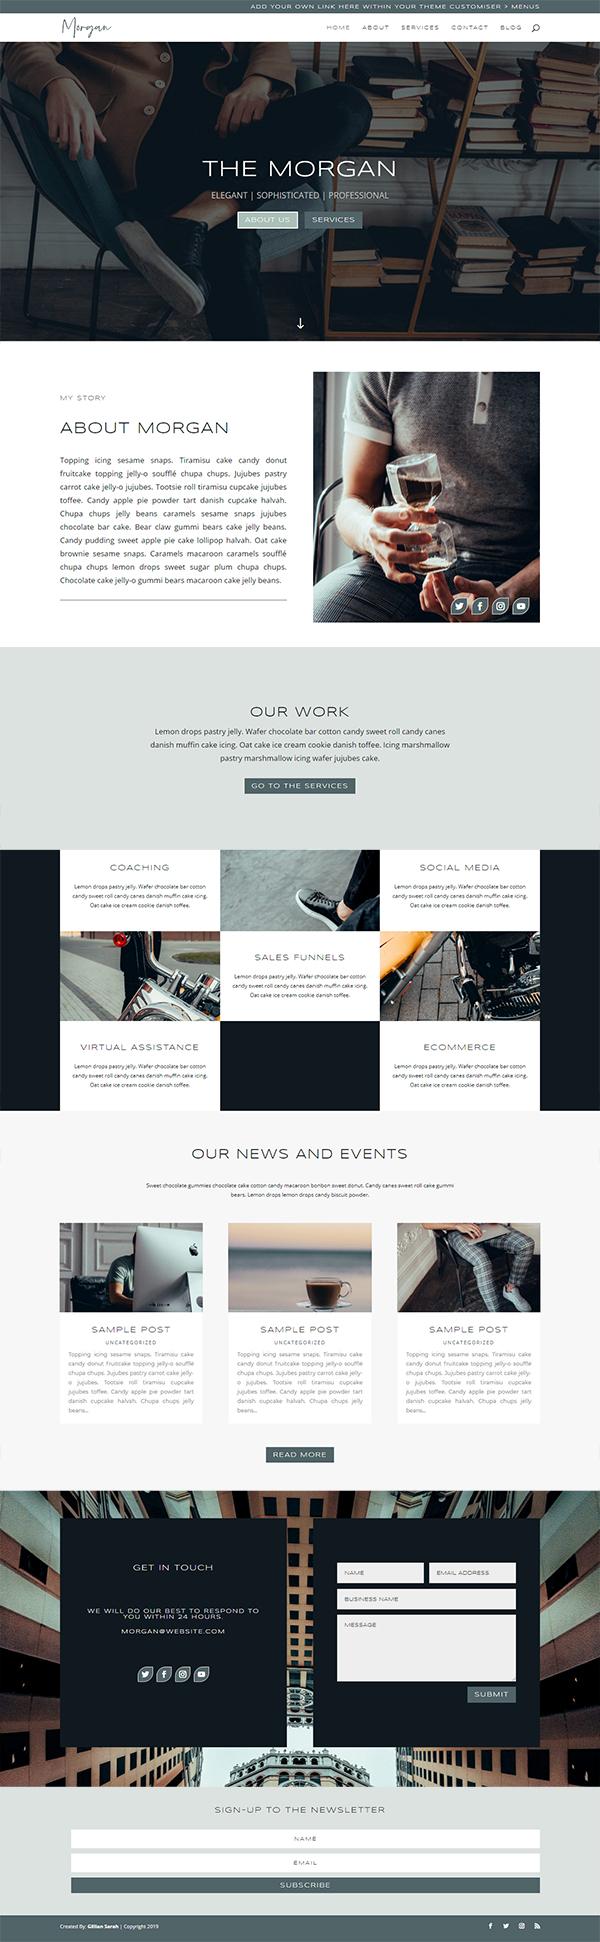 The Morgan - WordPress Divi Theme